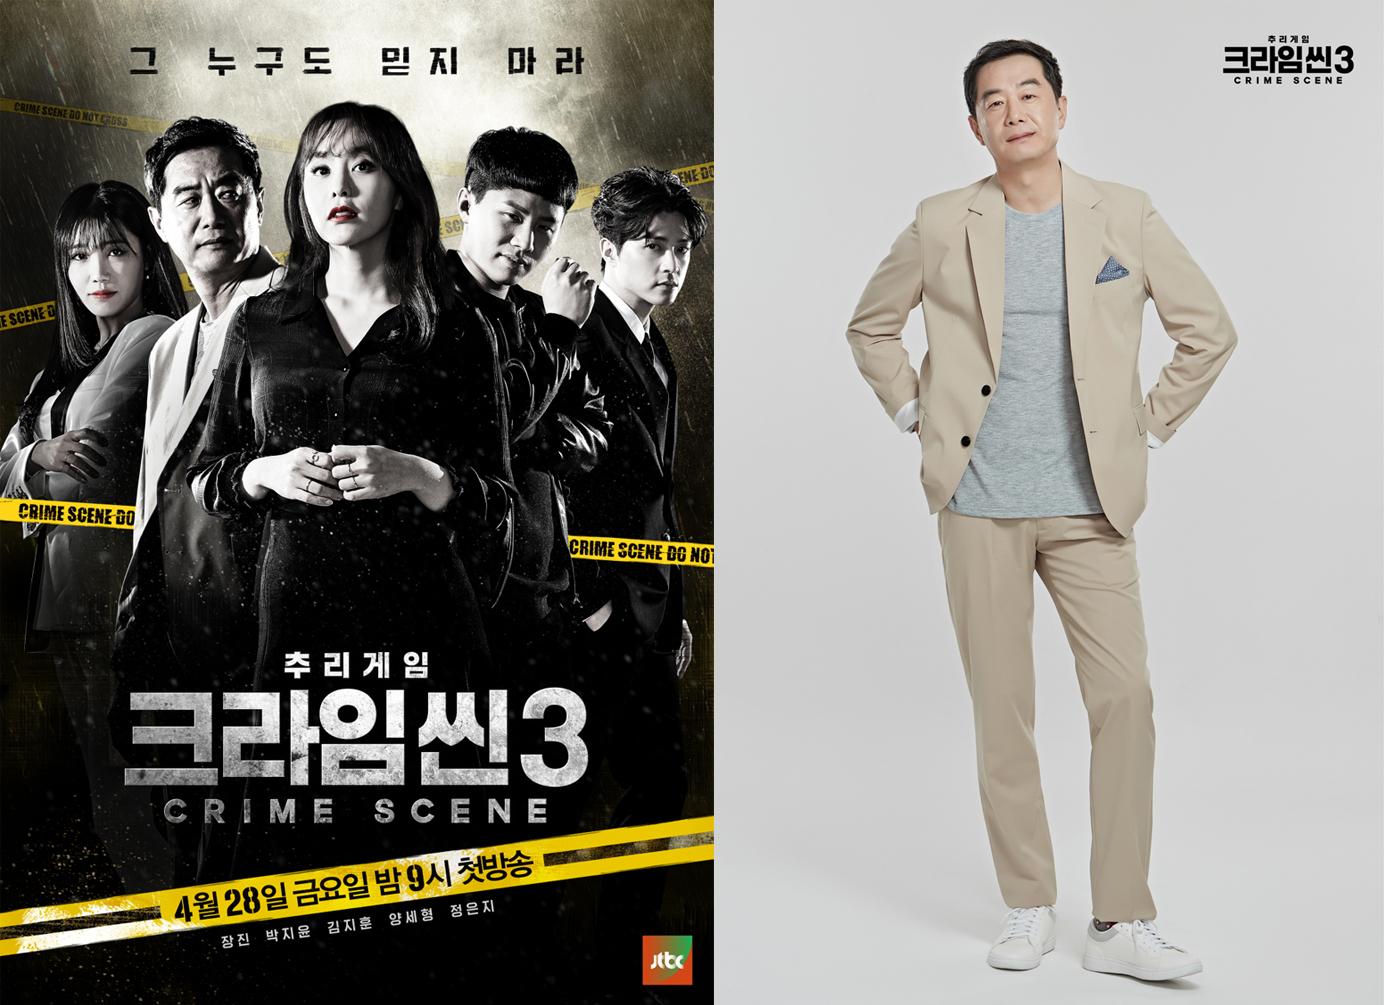 """<크라임씬3> 공식 포스터 공개! 장진, """"오늘만 기다렸다!"""""""